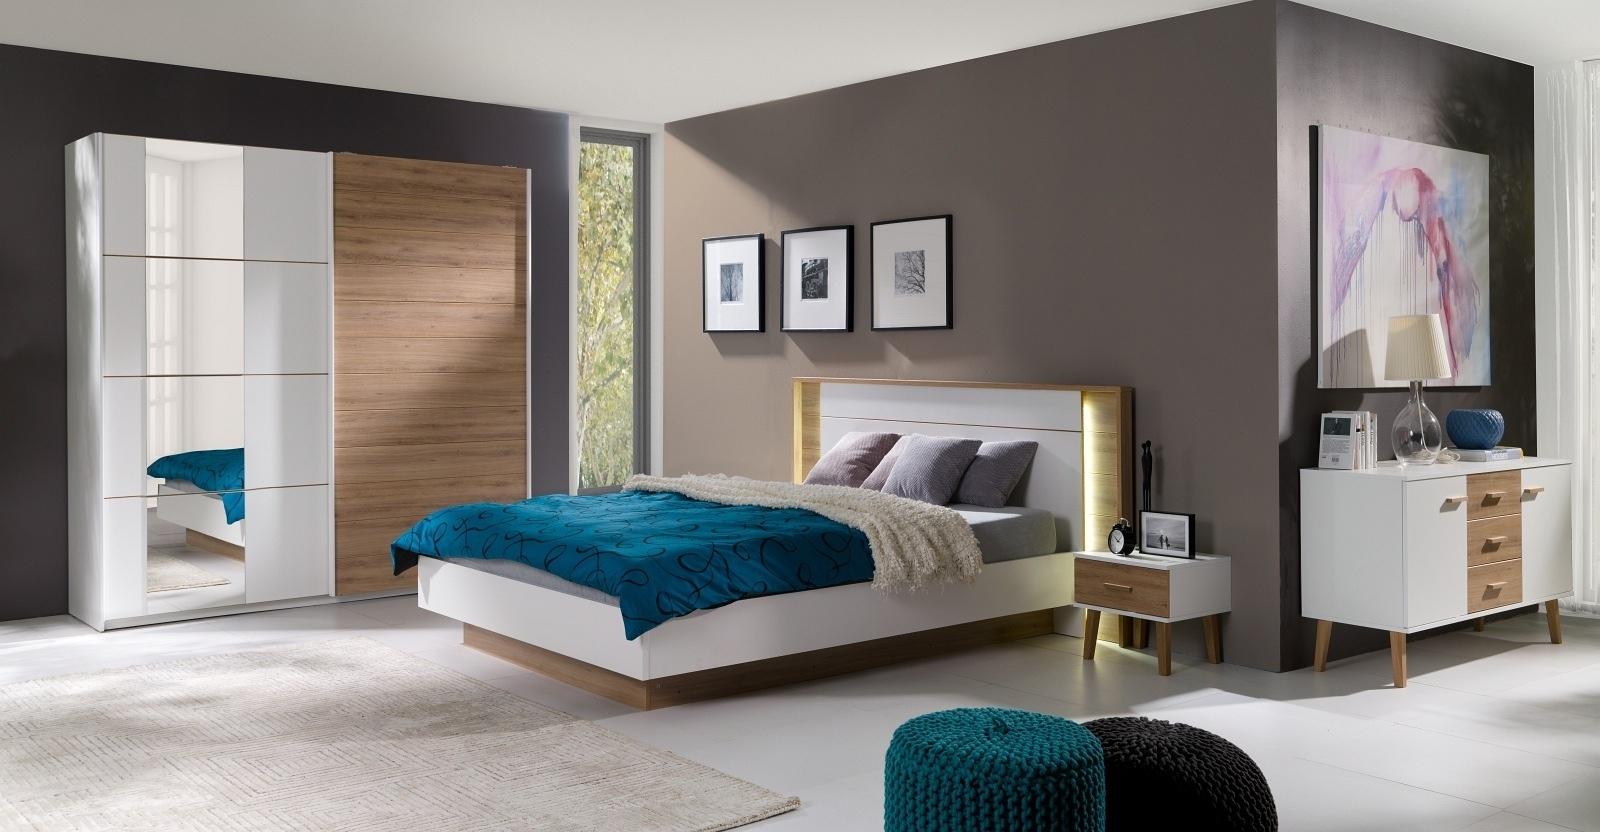 schlafzimmer komplett aurora wei wildeiche mit led. Black Bedroom Furniture Sets. Home Design Ideas